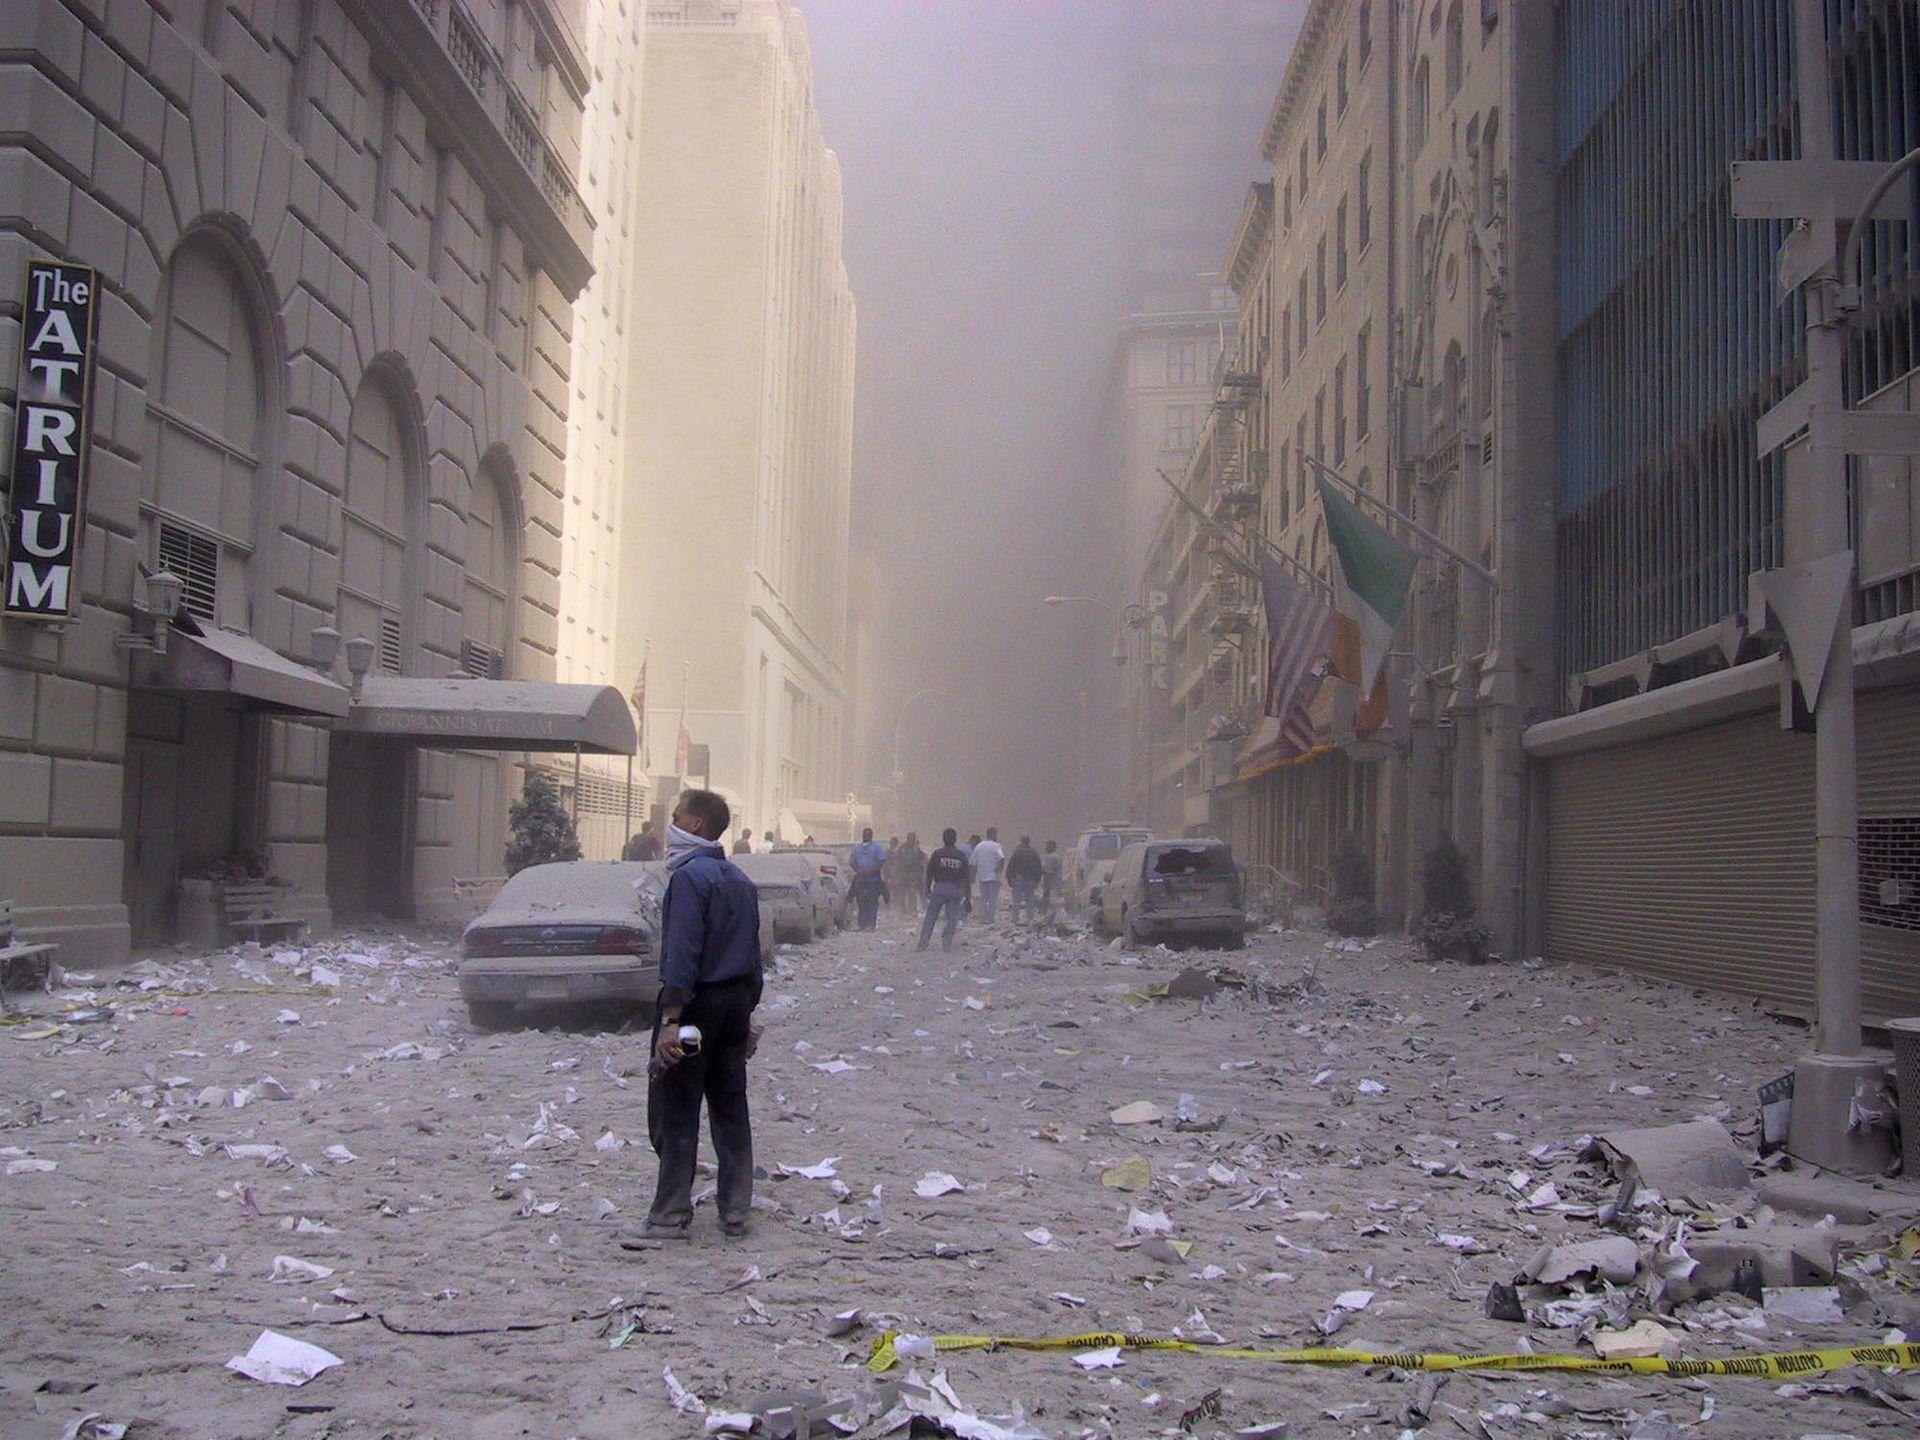 El polvo y los escombros cubren el suelo y nublan el aire cerca del lugar del ataque terrorista en el World Trade Center en Nueva York